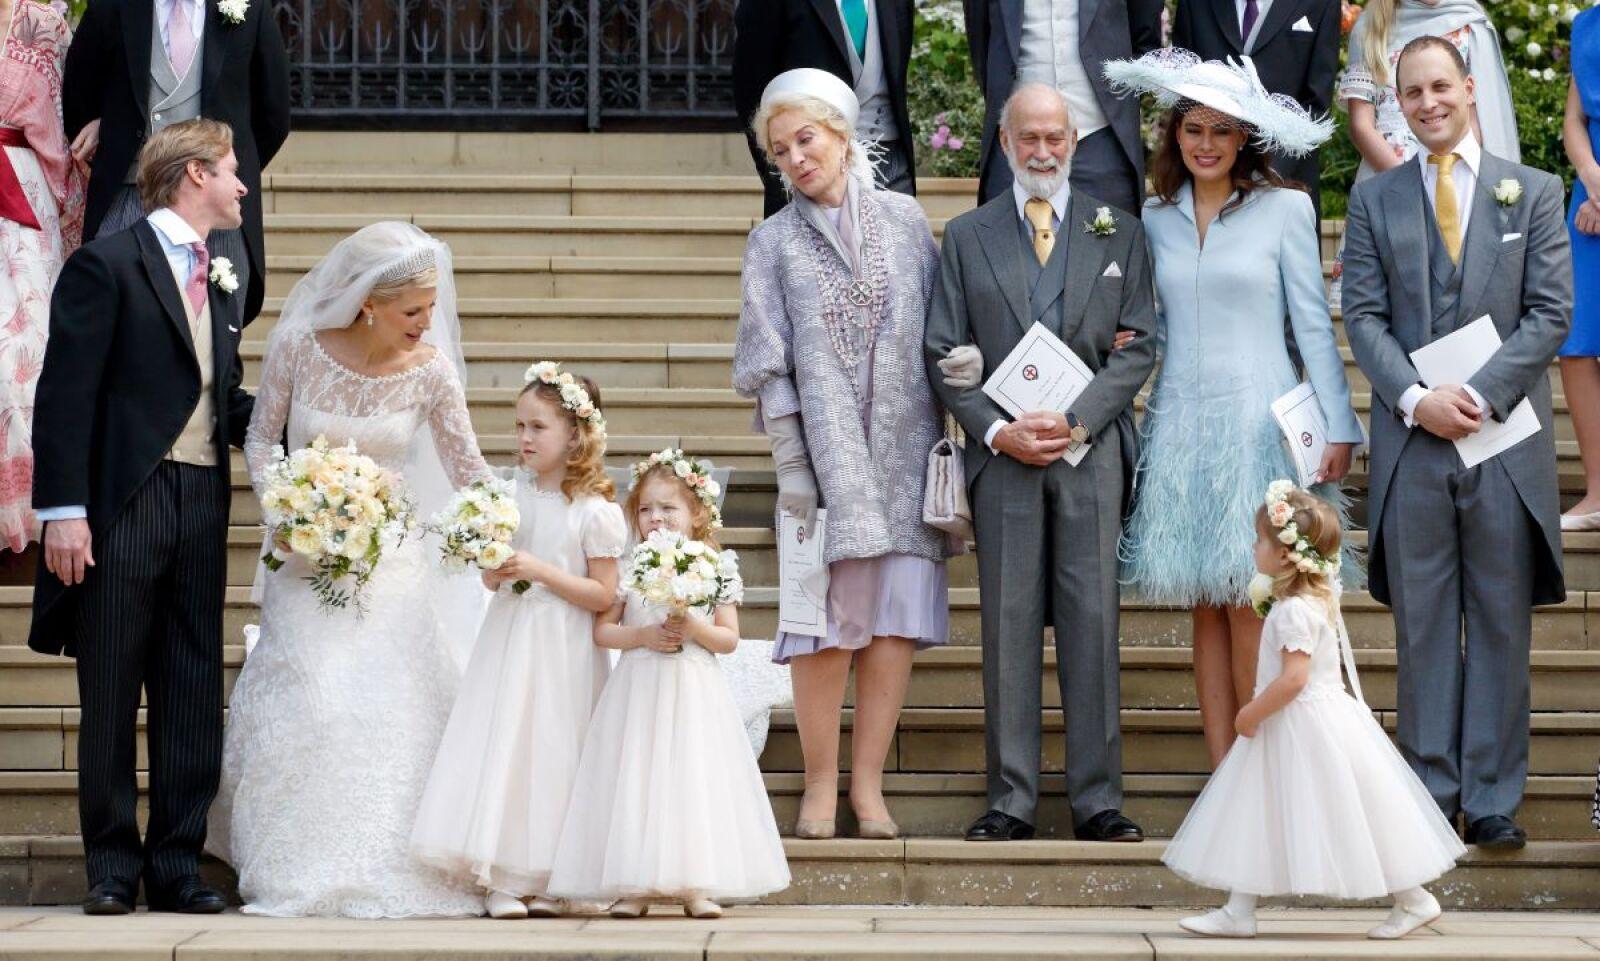 Familia de la novia.jpg